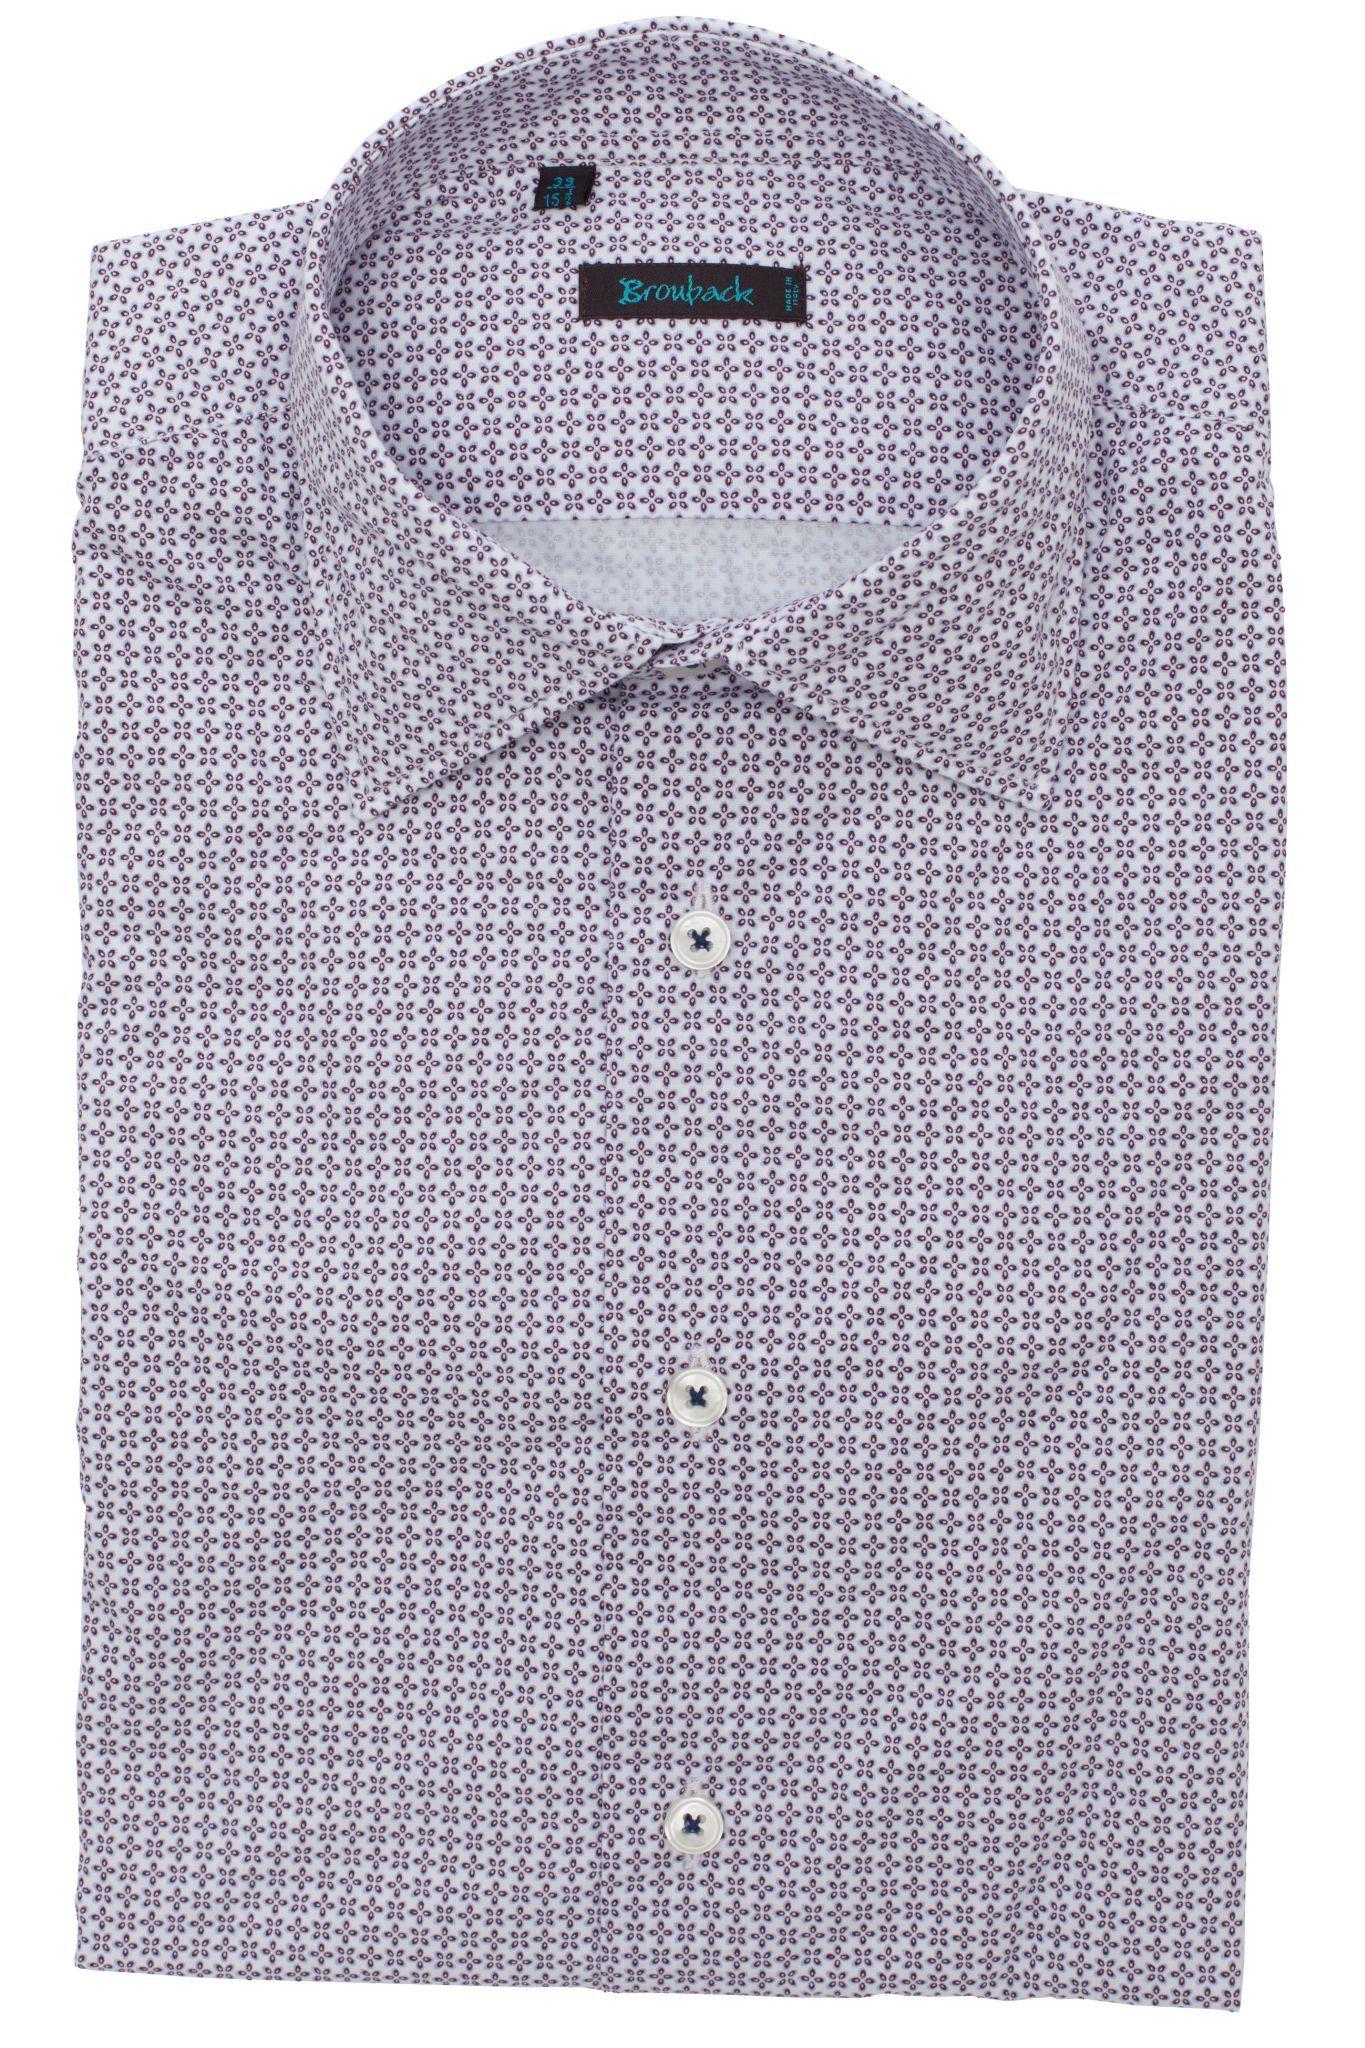 Белая рубашка с бордовым геометрическим цветочным узором